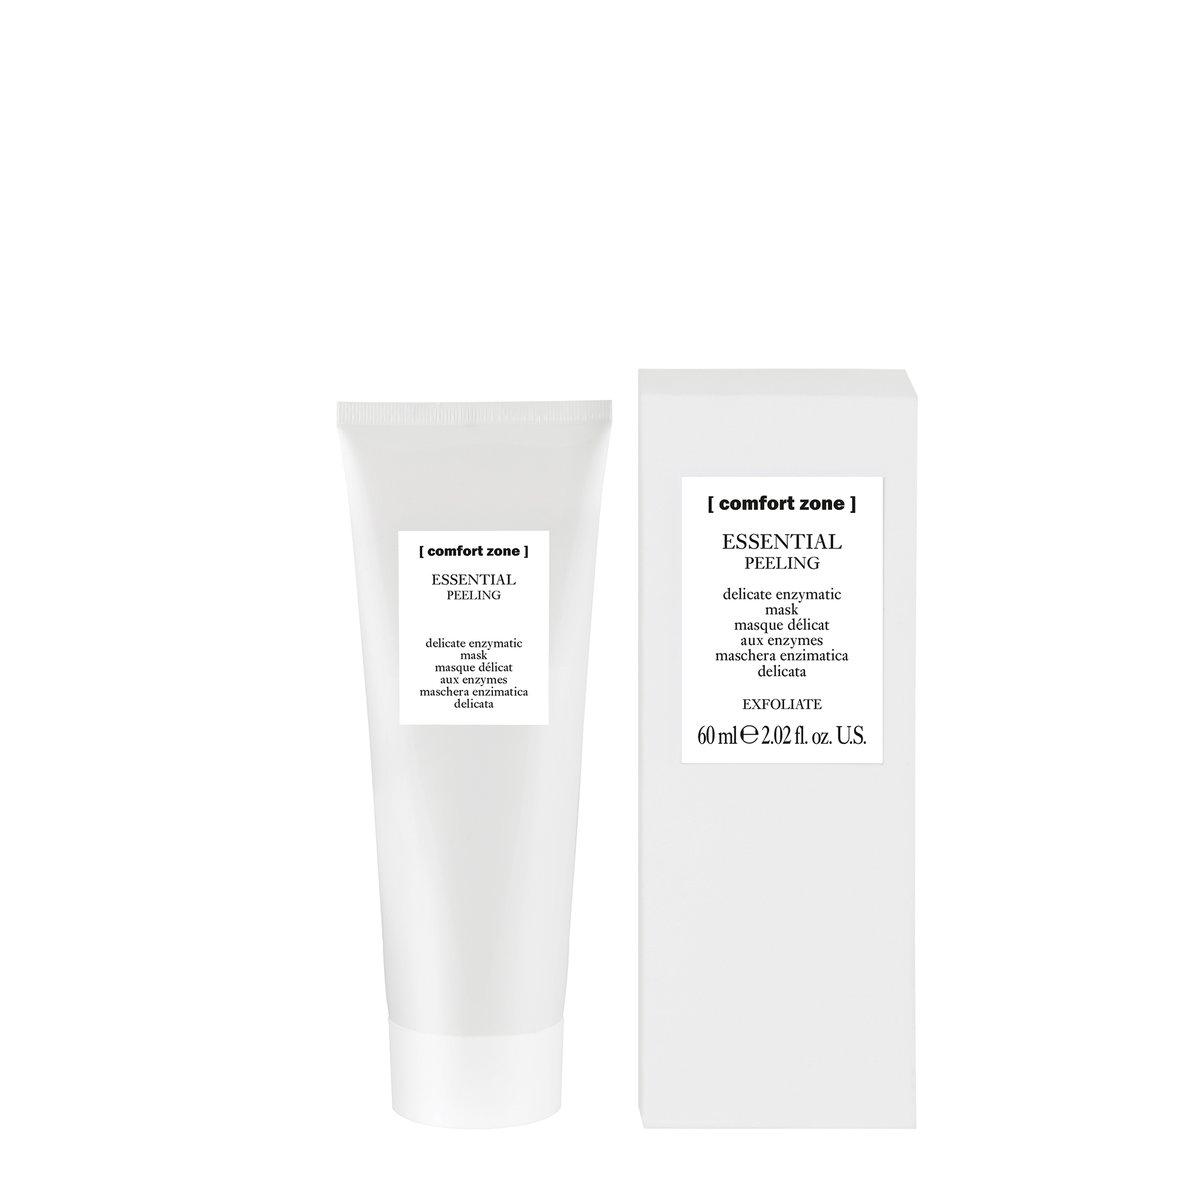 ESSENTIAL PEELING - Schonende enzymatische Peelingmaske